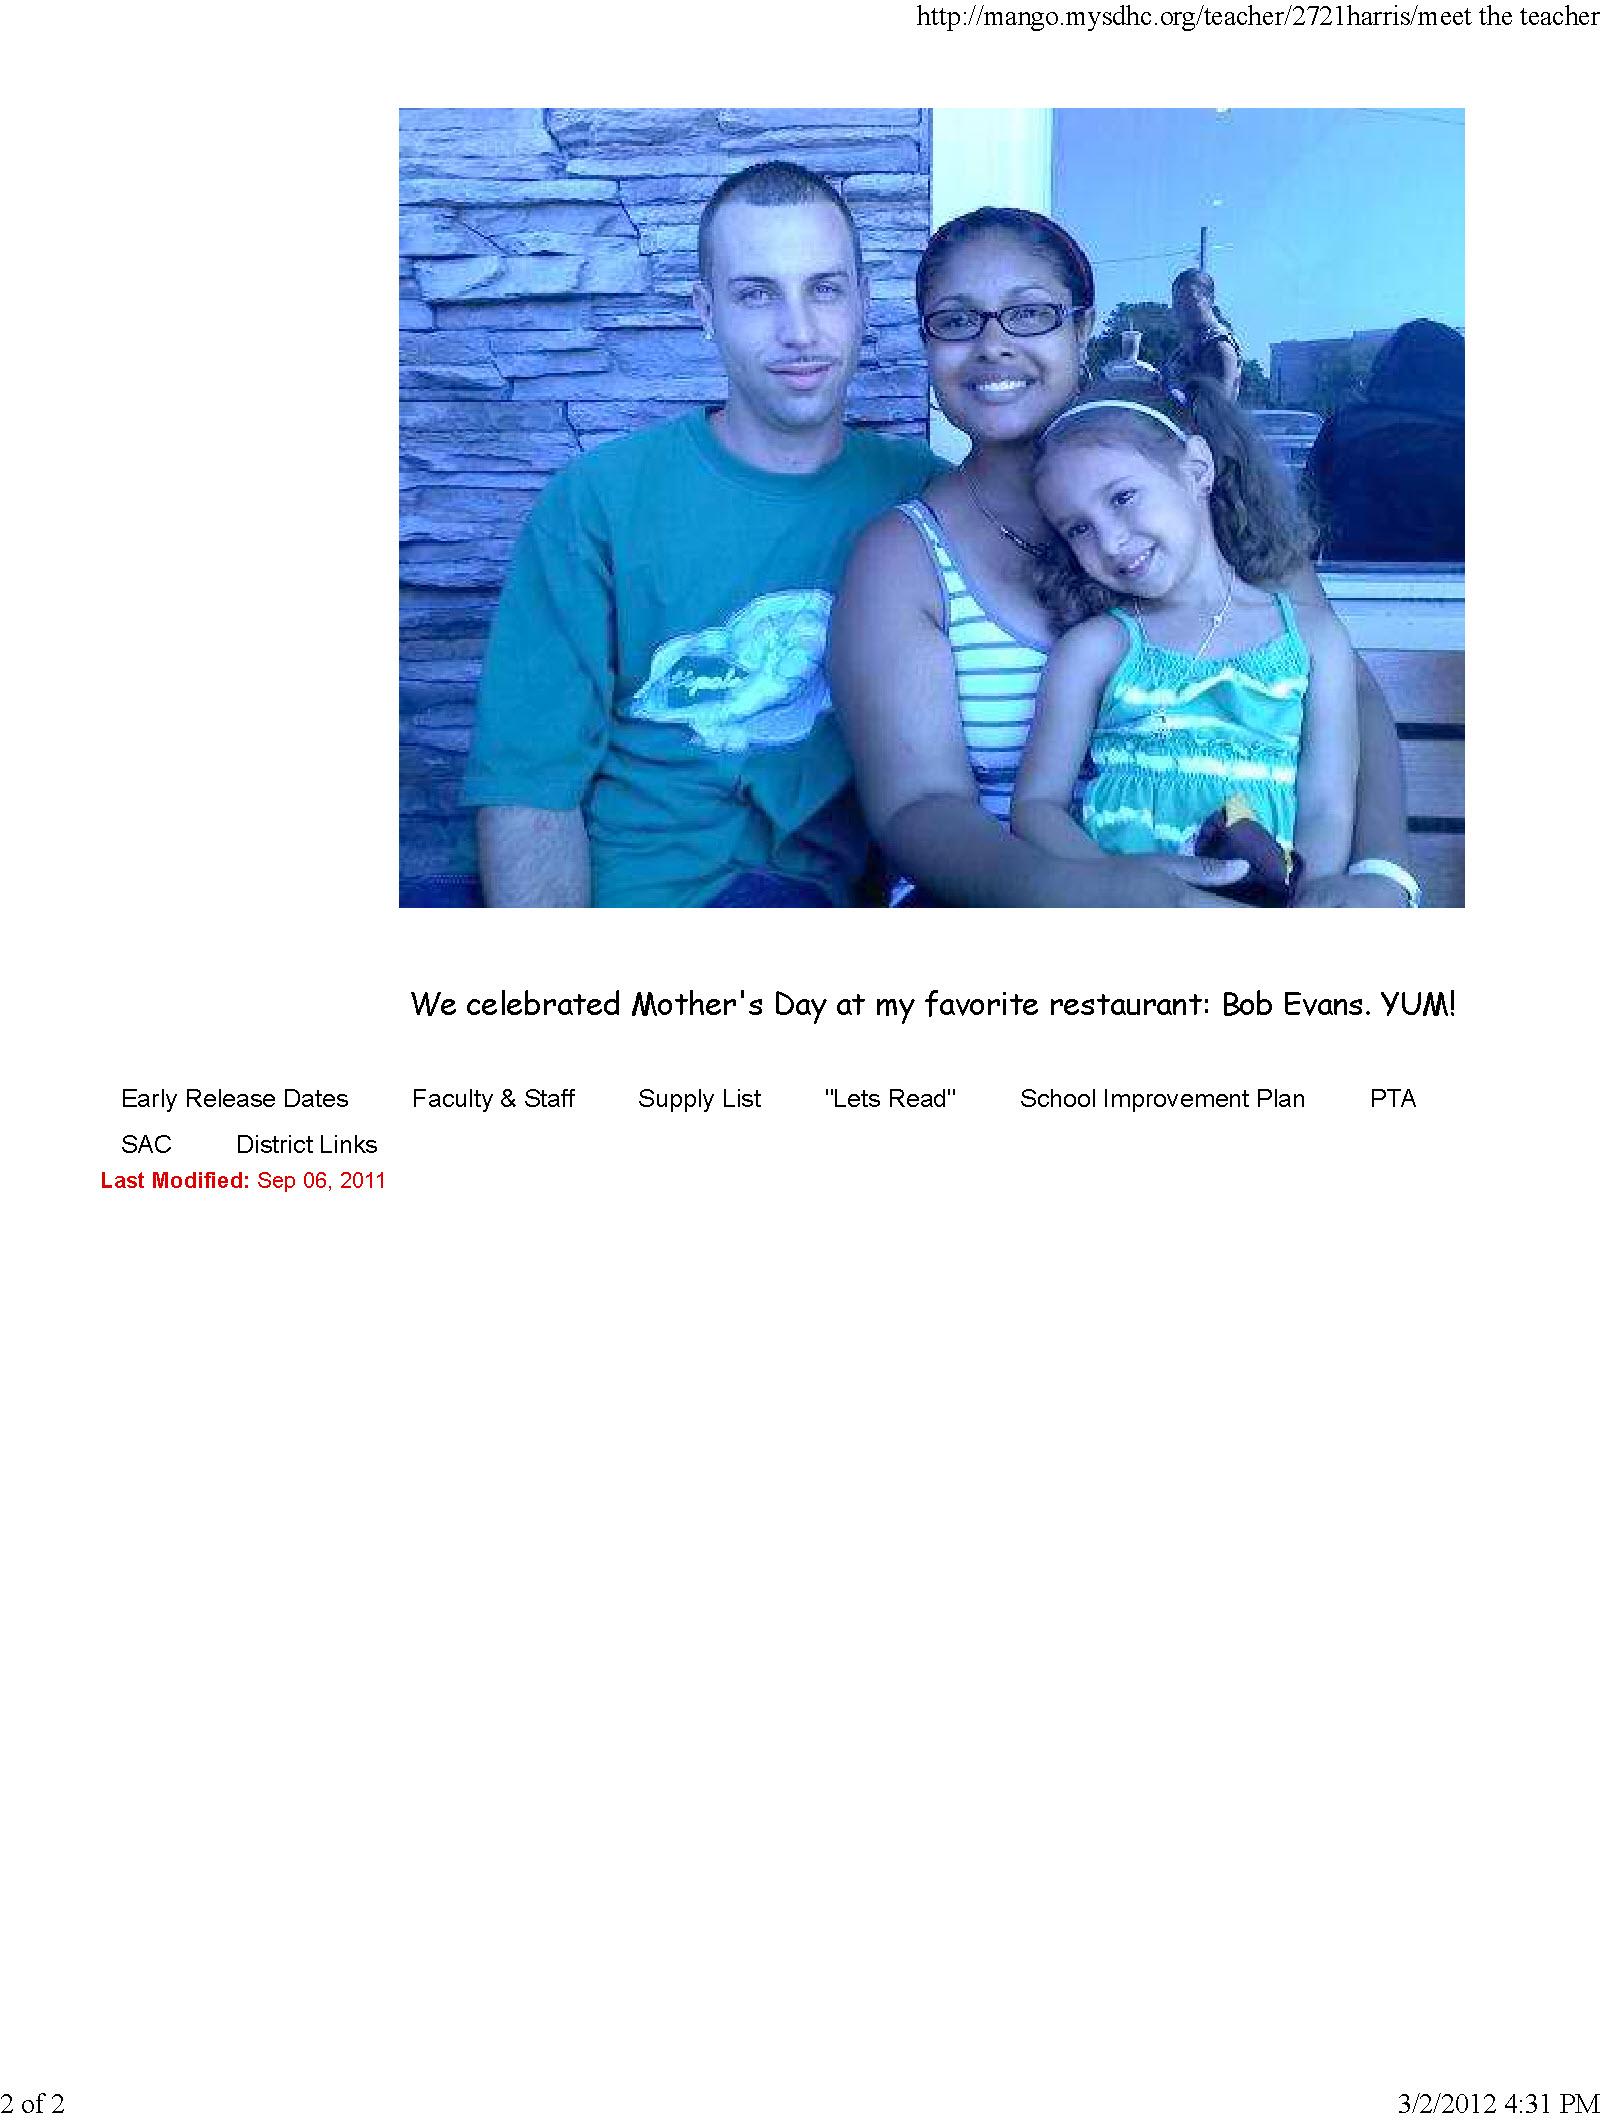 Copy of anderson ethel profile page2.jpg